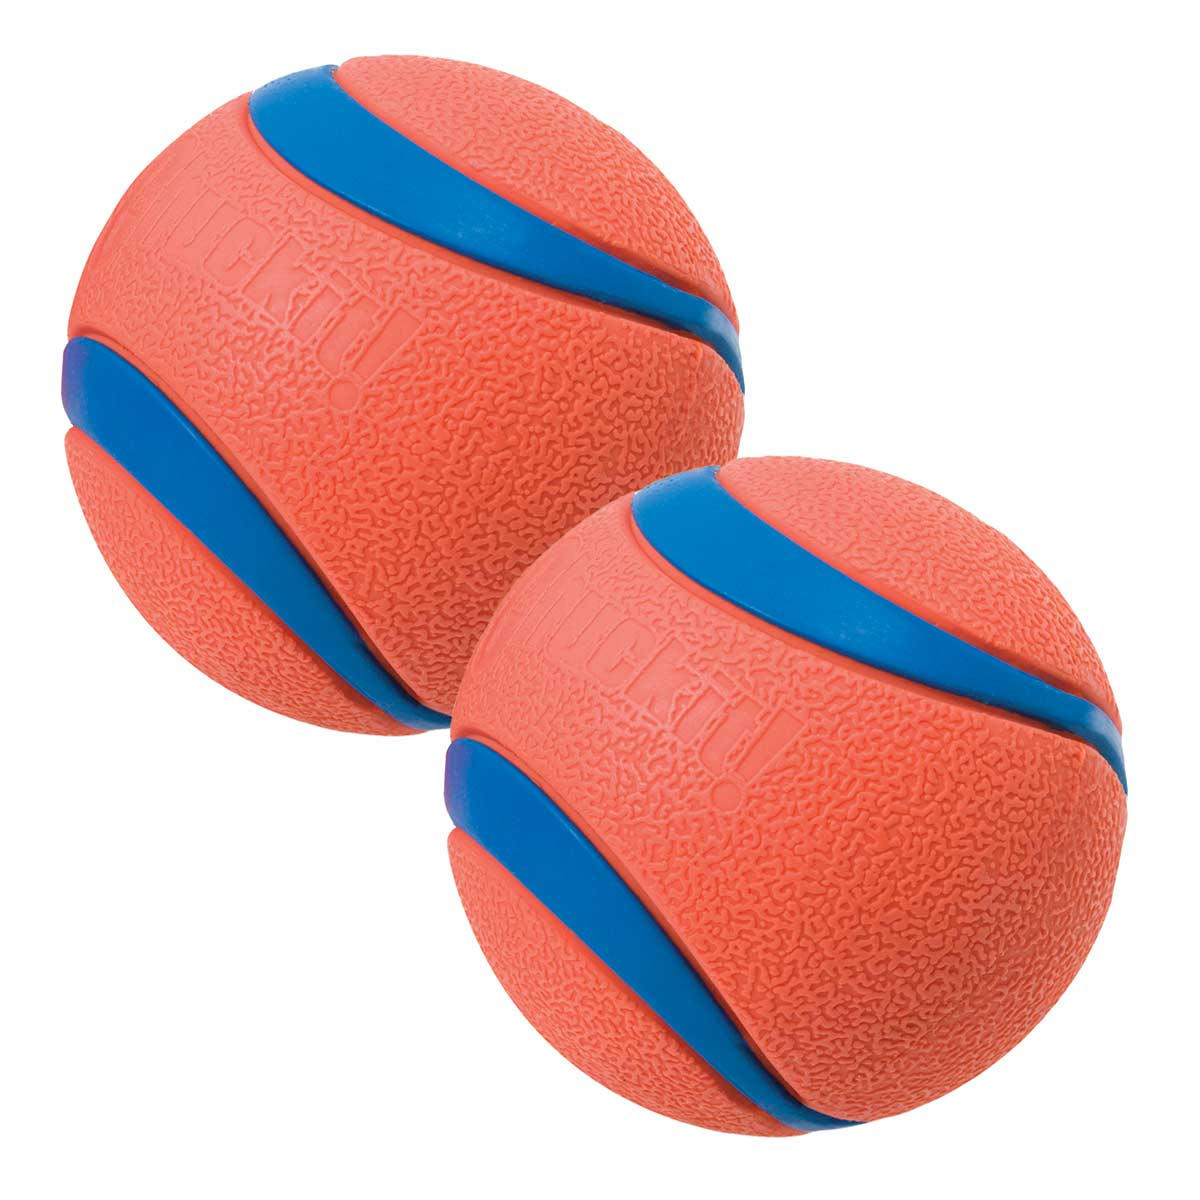 2 Pack Chuckit! Ultra Ball Small